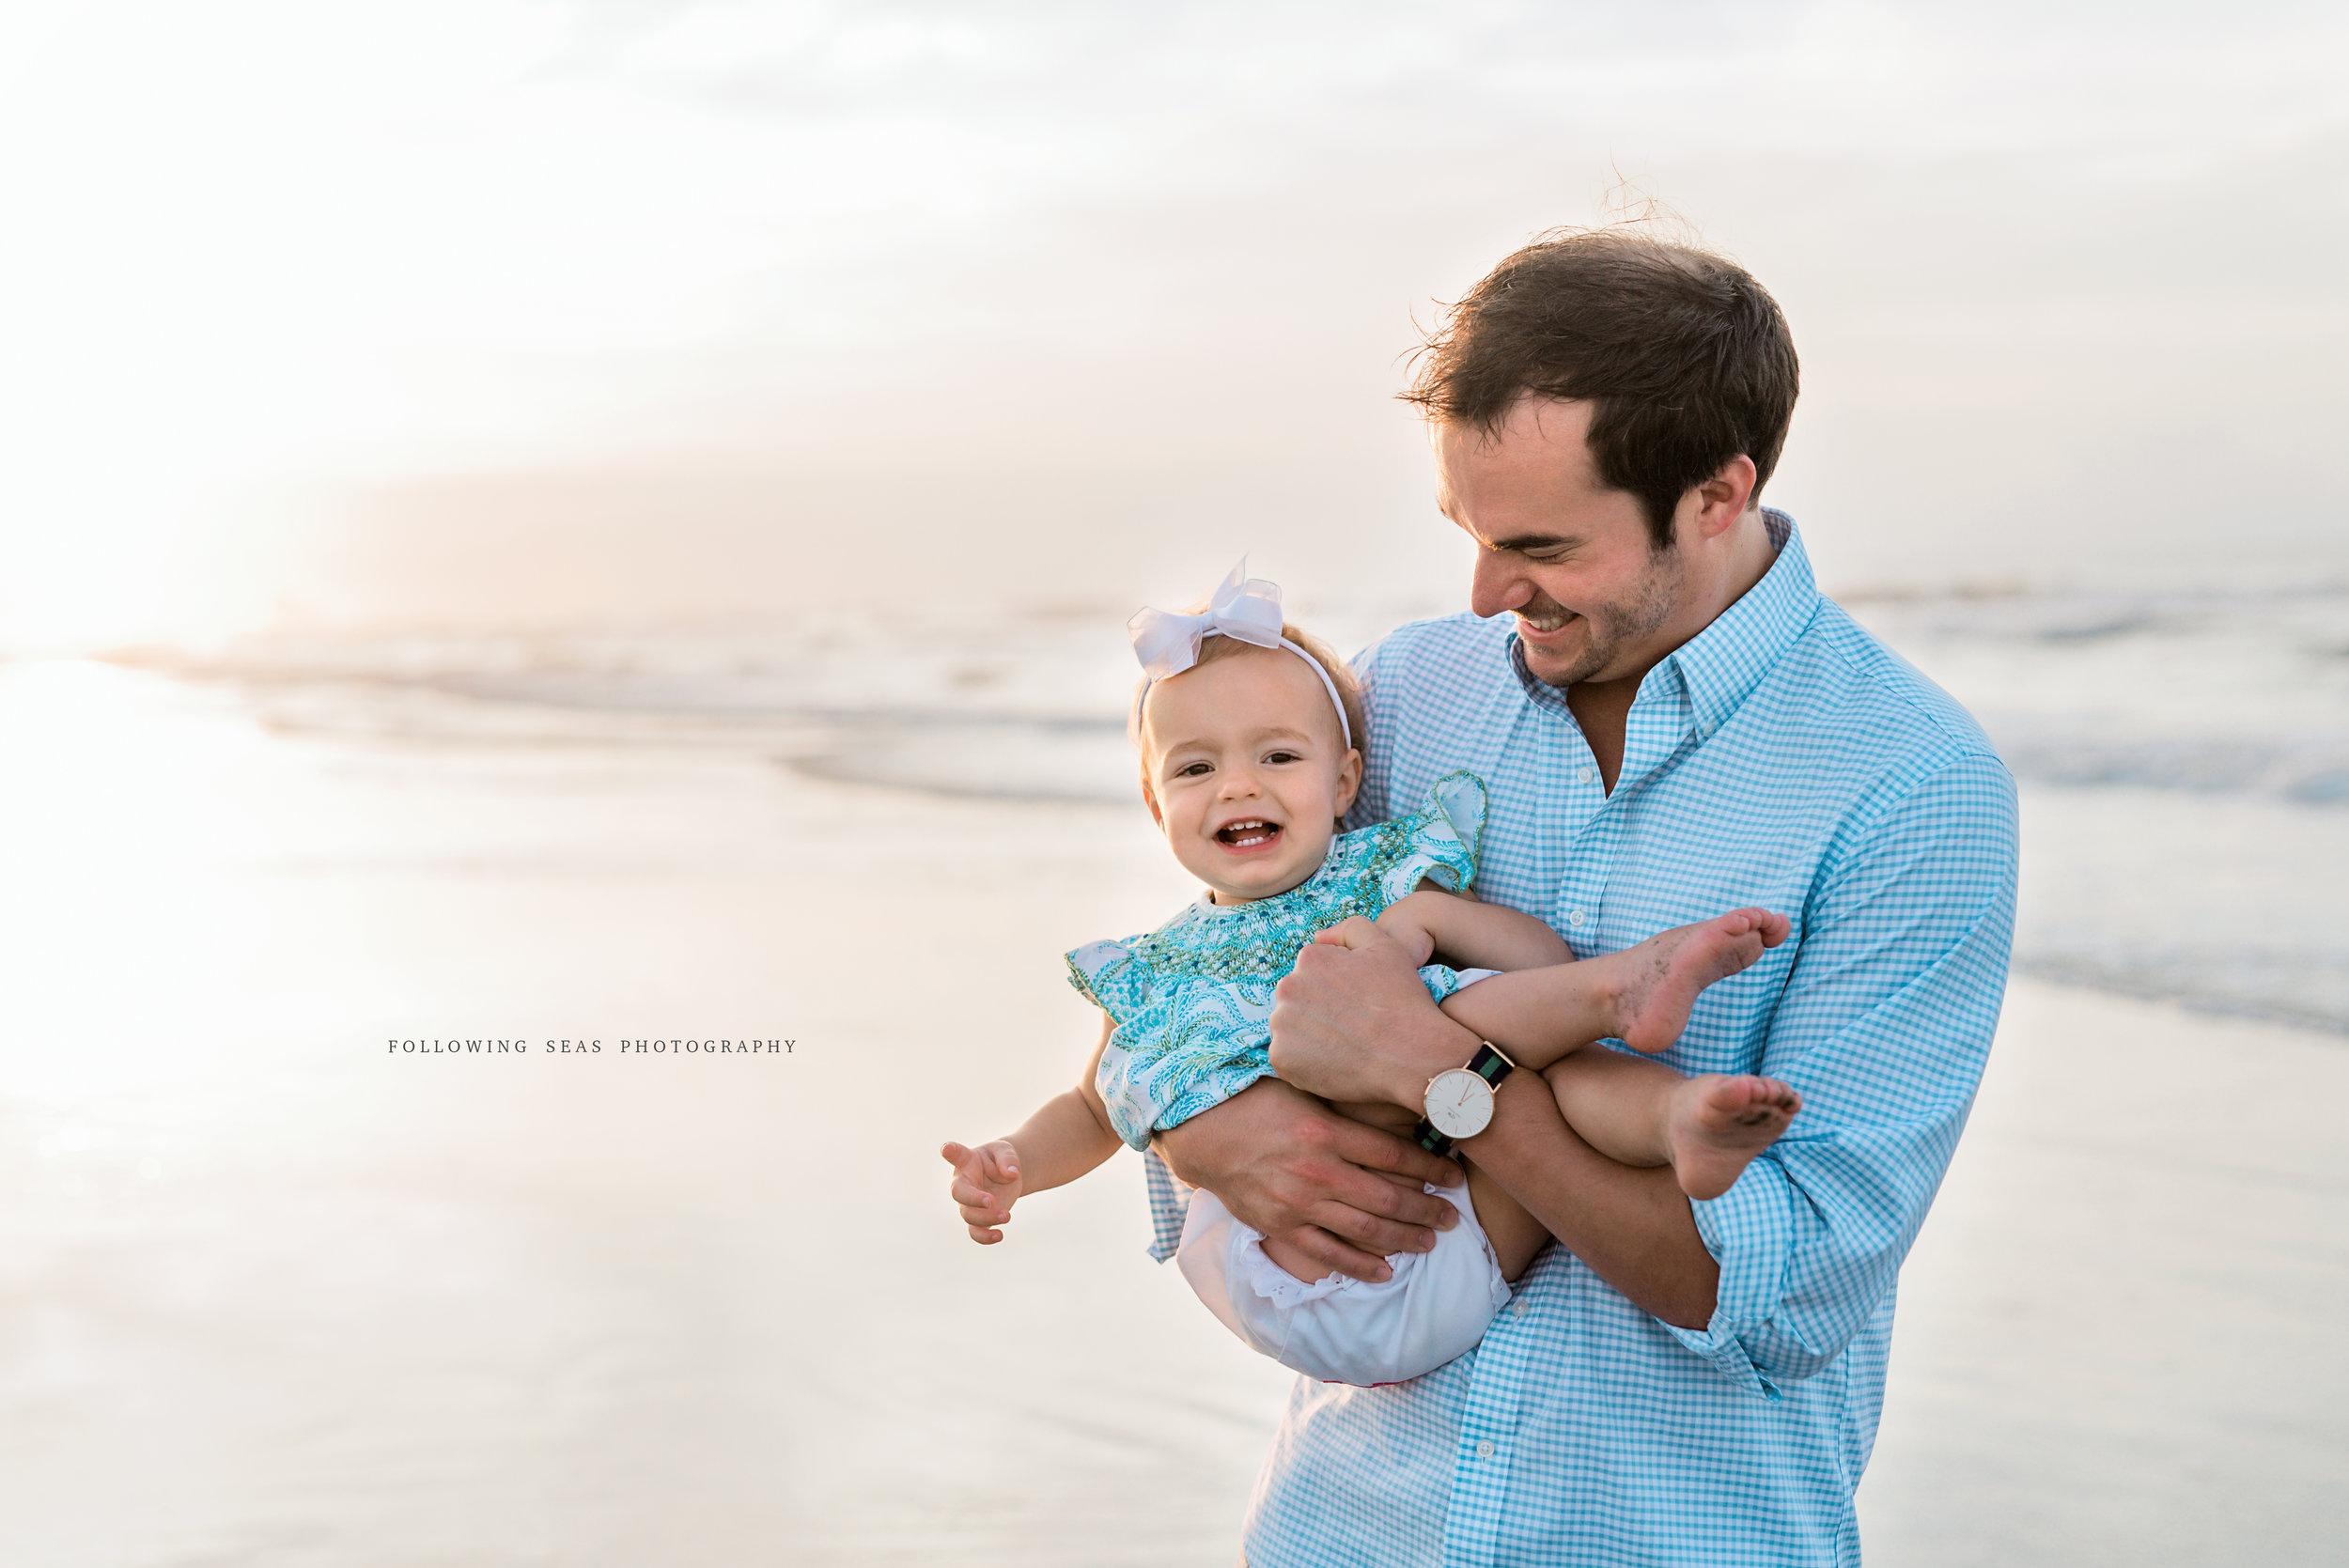 Folly-Beach-Family-Photographer-Following-Seas-Photography-FSP_2033BW.jpg